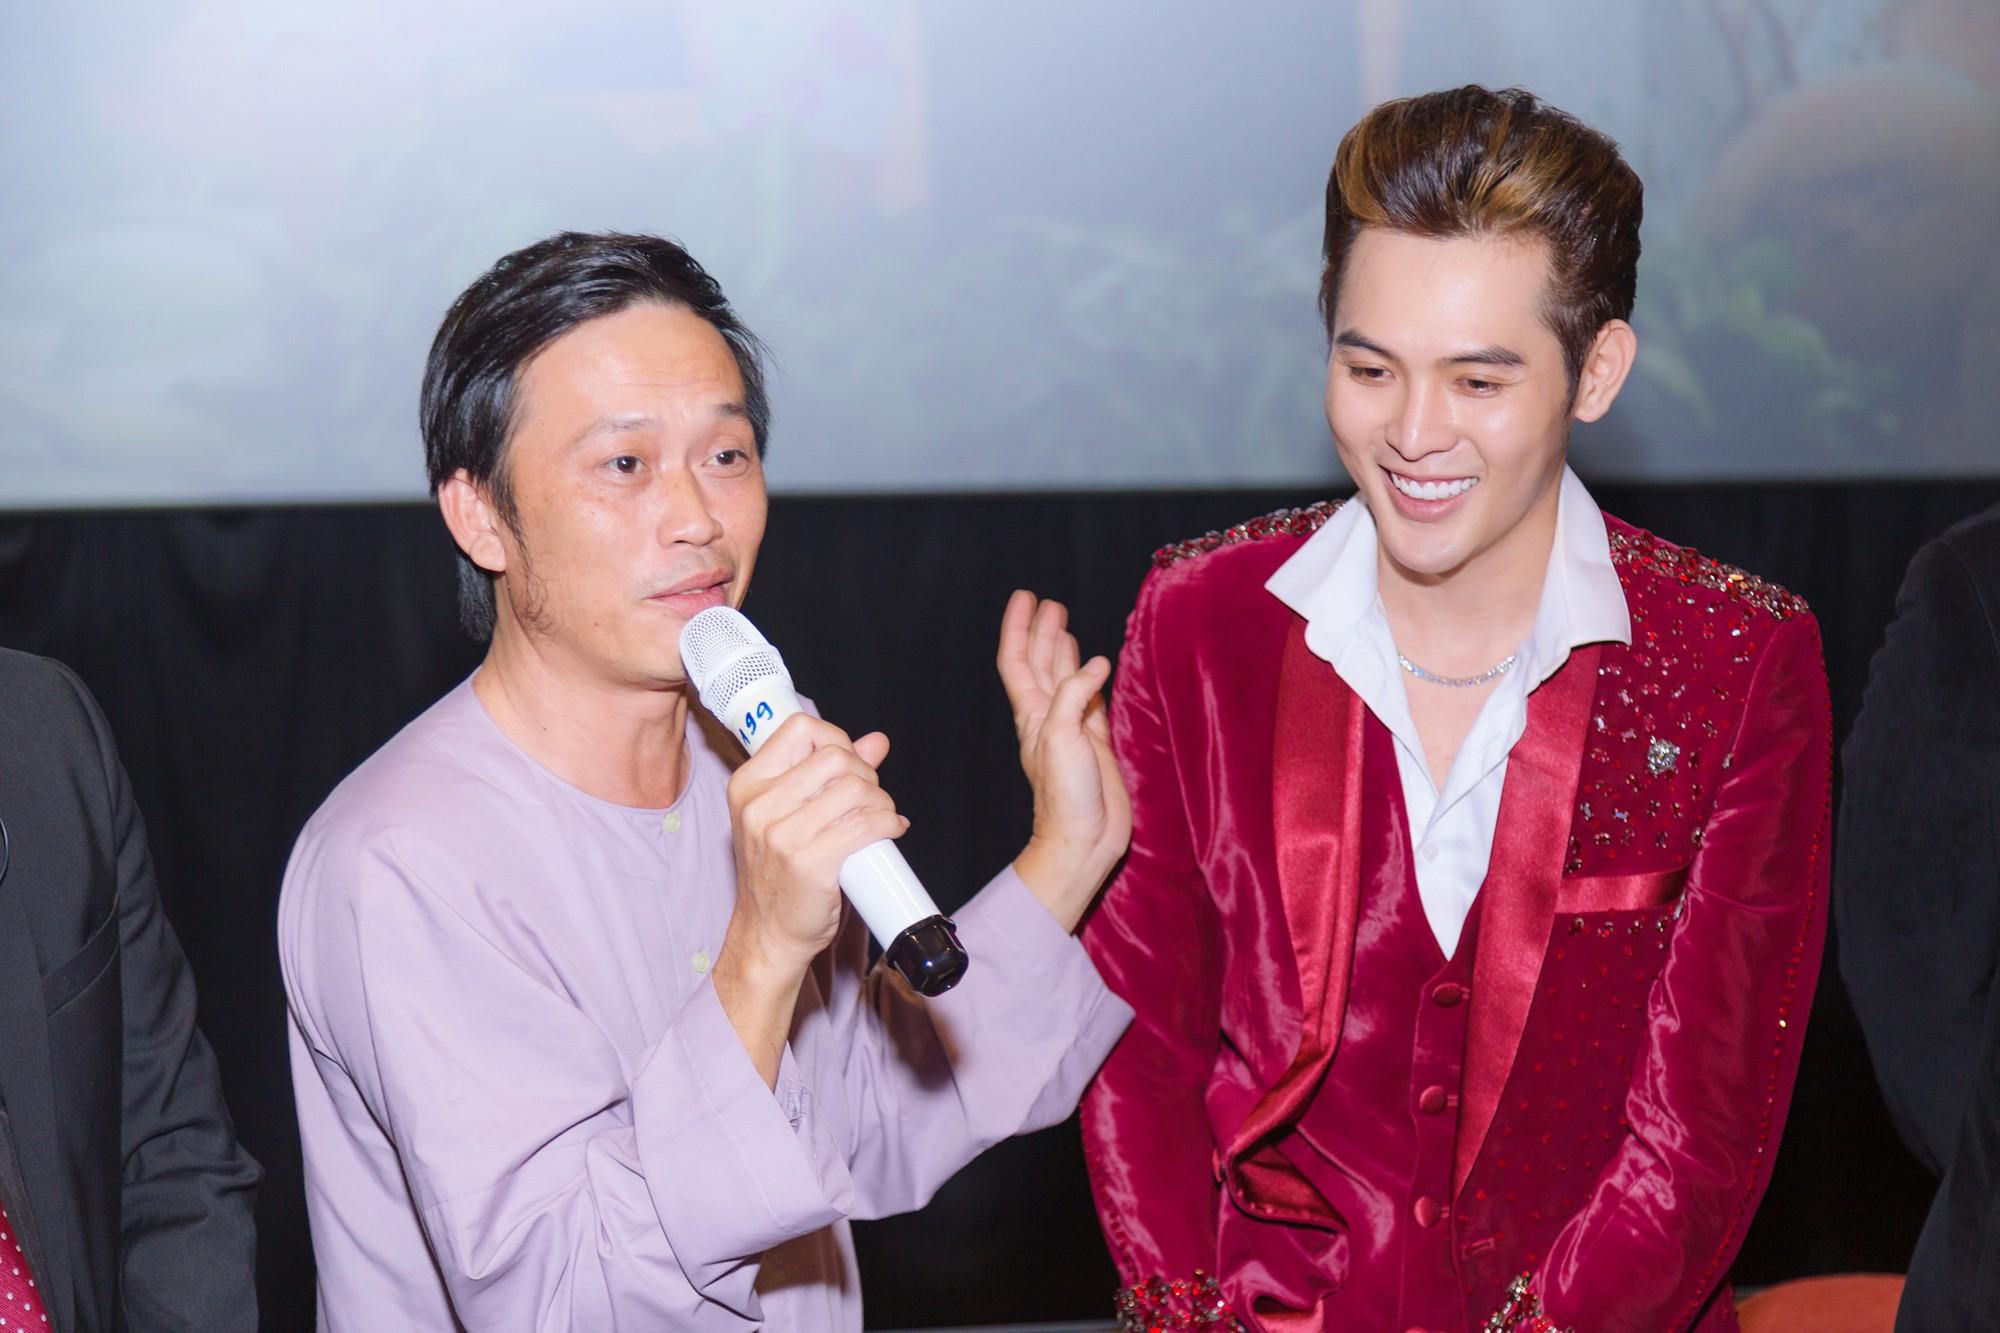 Đạo diễn Võ Thanh Hòa và Võ Đăng Khoa nói gì về việc mang hình ảnh LGBT miền Tây lên phim hài? - Ảnh 3.